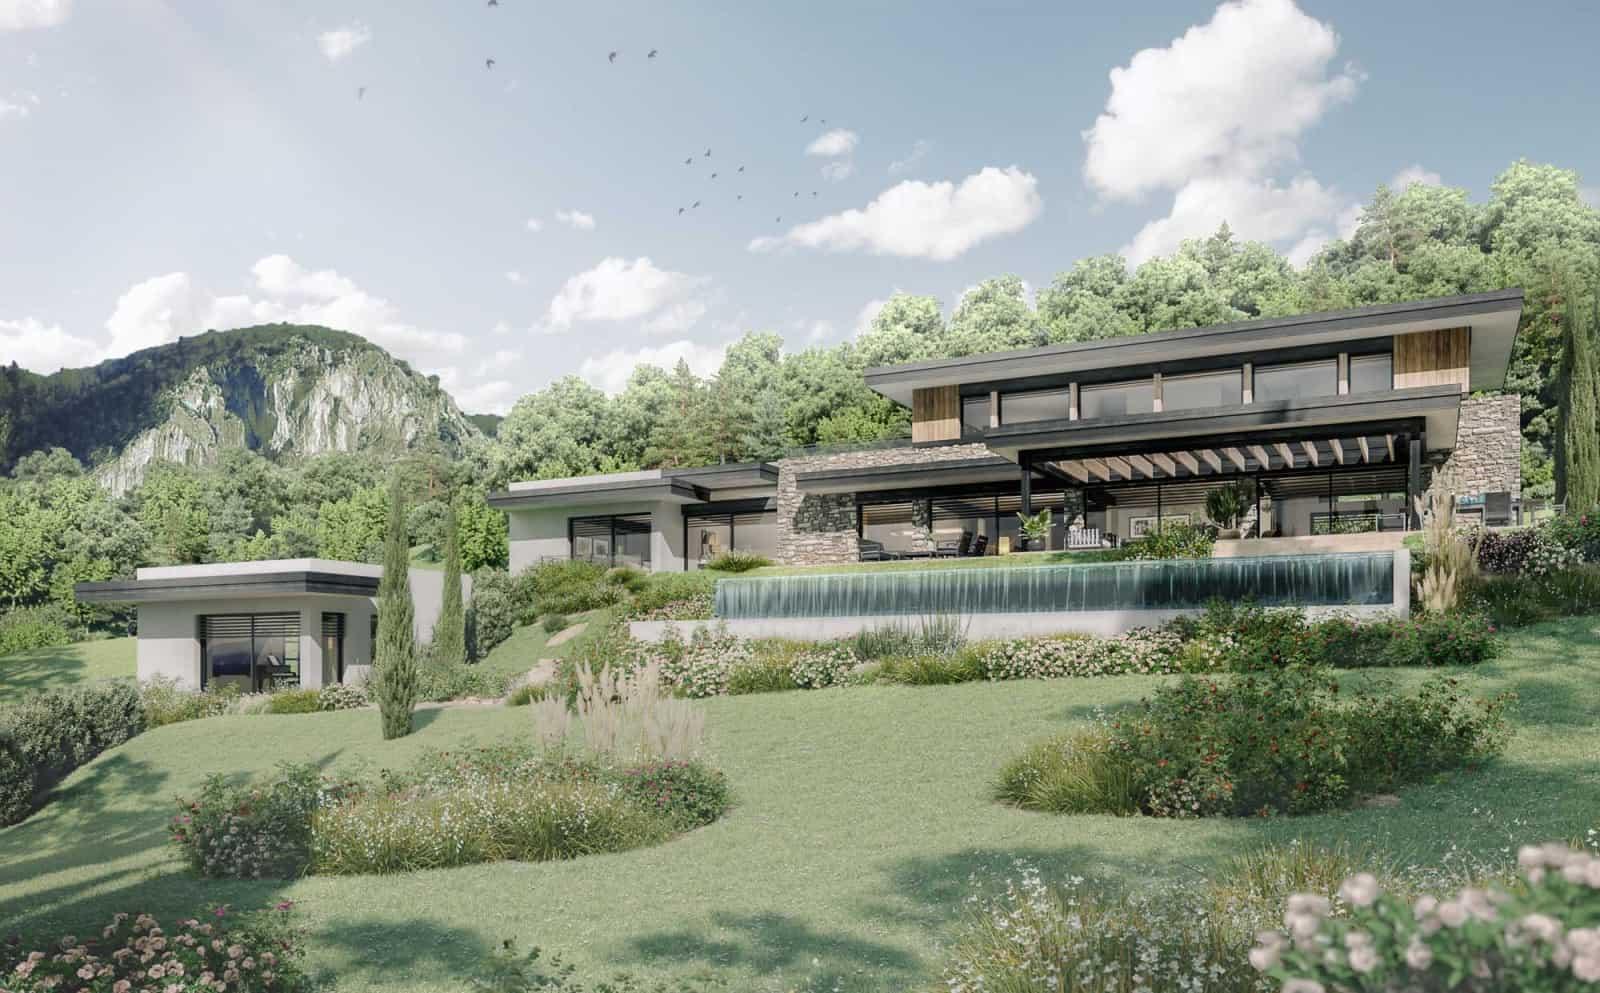 Maison contemporaine. Archidomo, Cabinet d'Architecte & Architecte d'intérieur à Annecy, Talloires, Megève, Courchevel